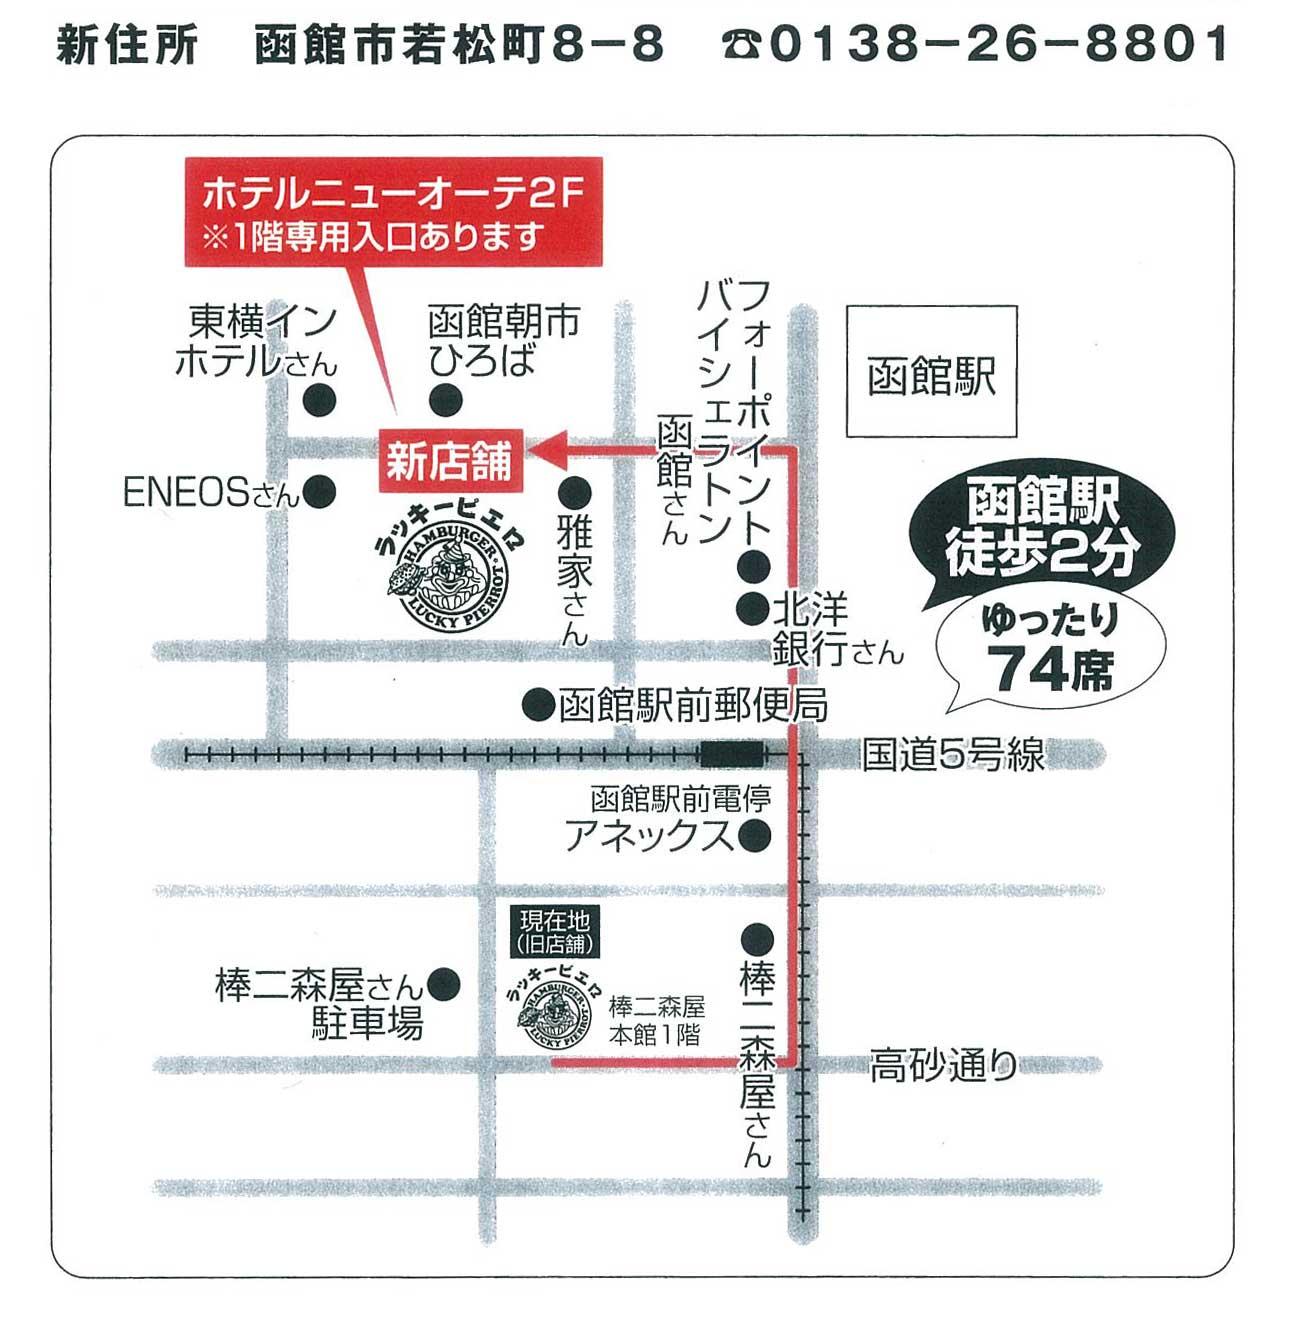 ラッキーピエロ函館駅前店案内地図